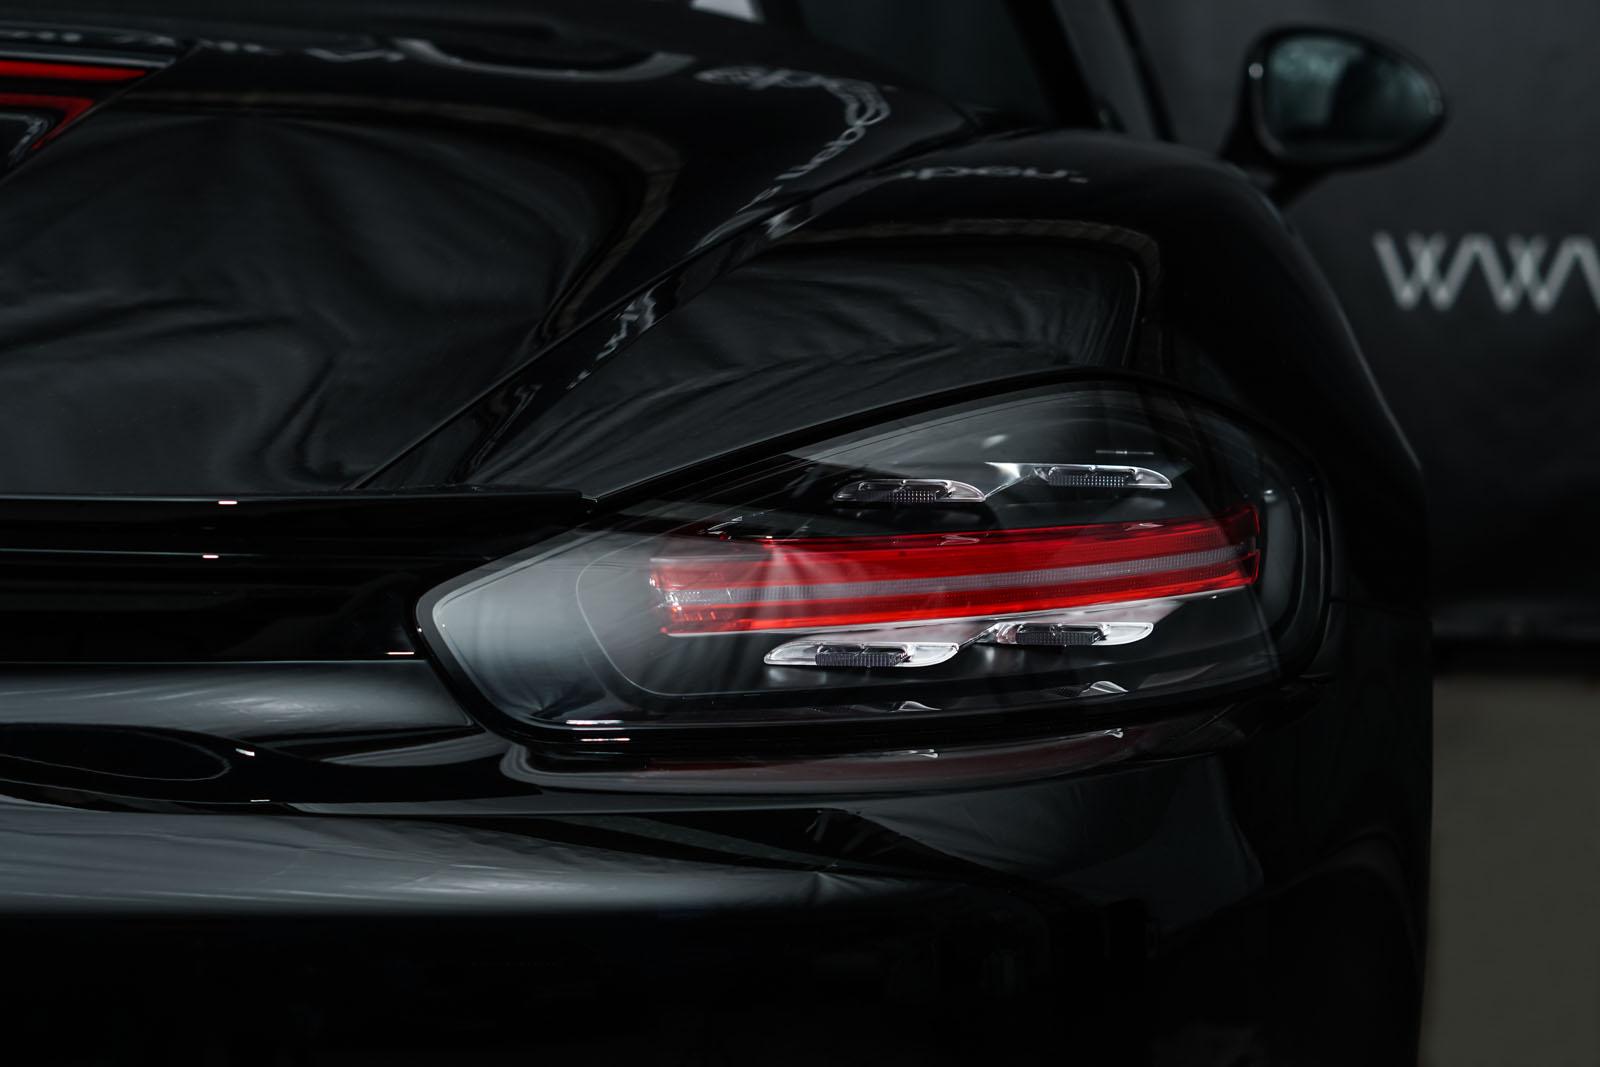 Porsche_718_BoxsterT_Schwarz_Schwarz_POR-1718_18_w